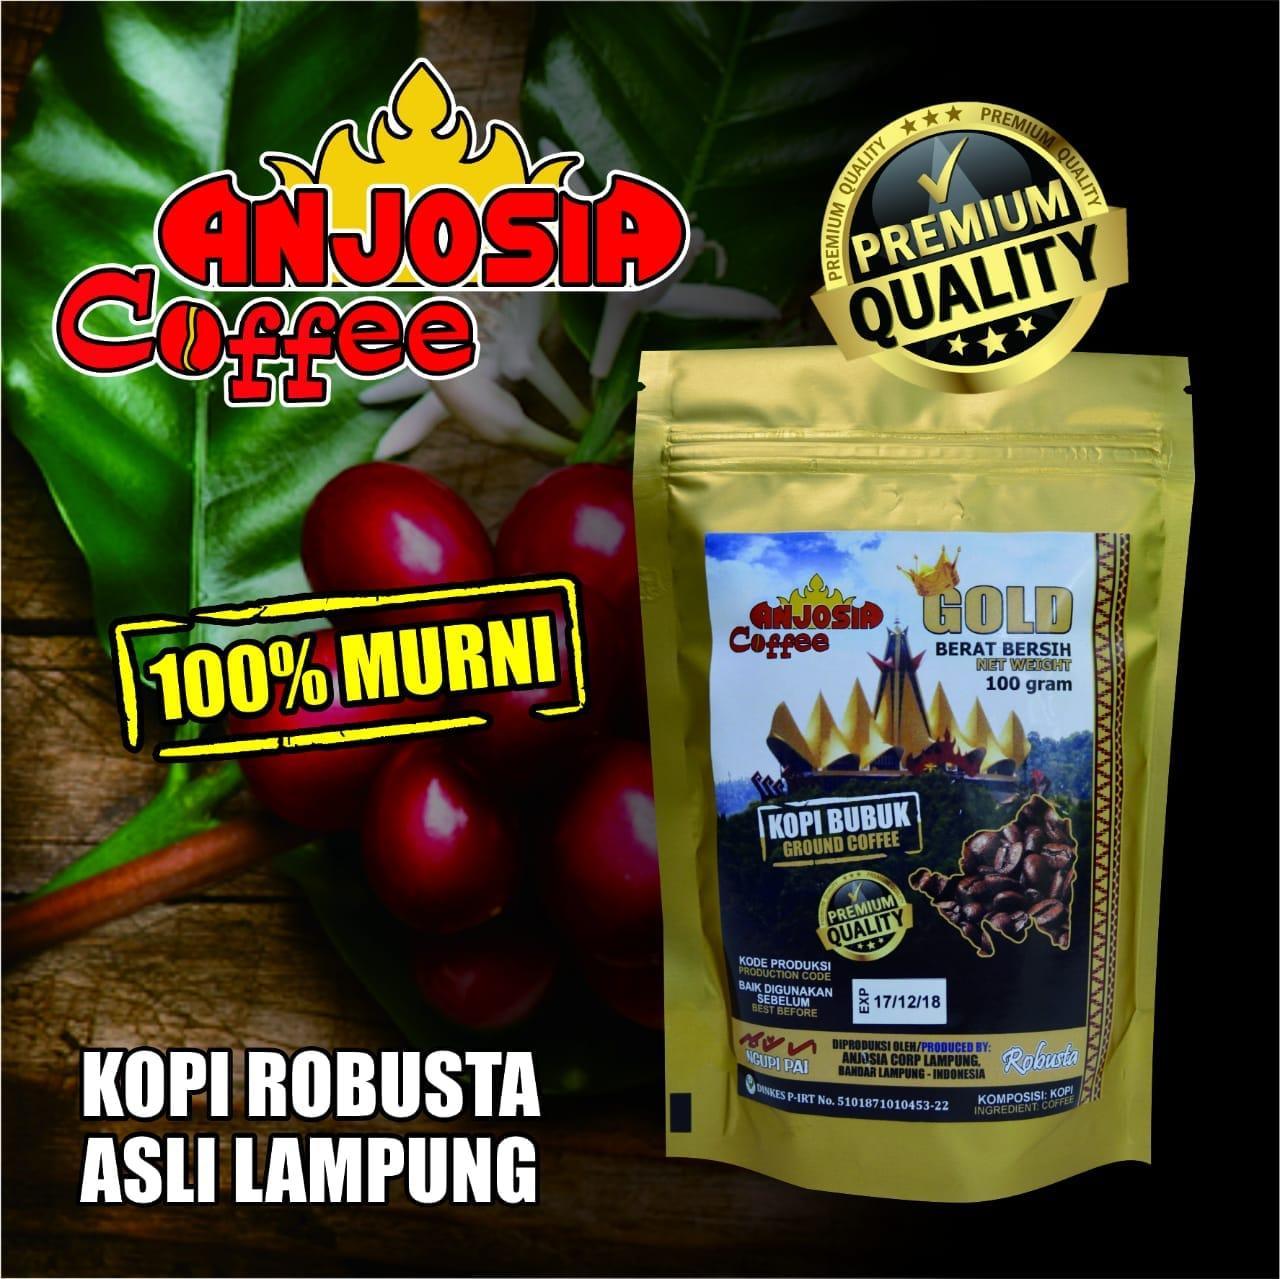 Kopi Lampung Cap Anjosia Gold Robusta Kopi Bubuk 100 Gram - Premium Quality